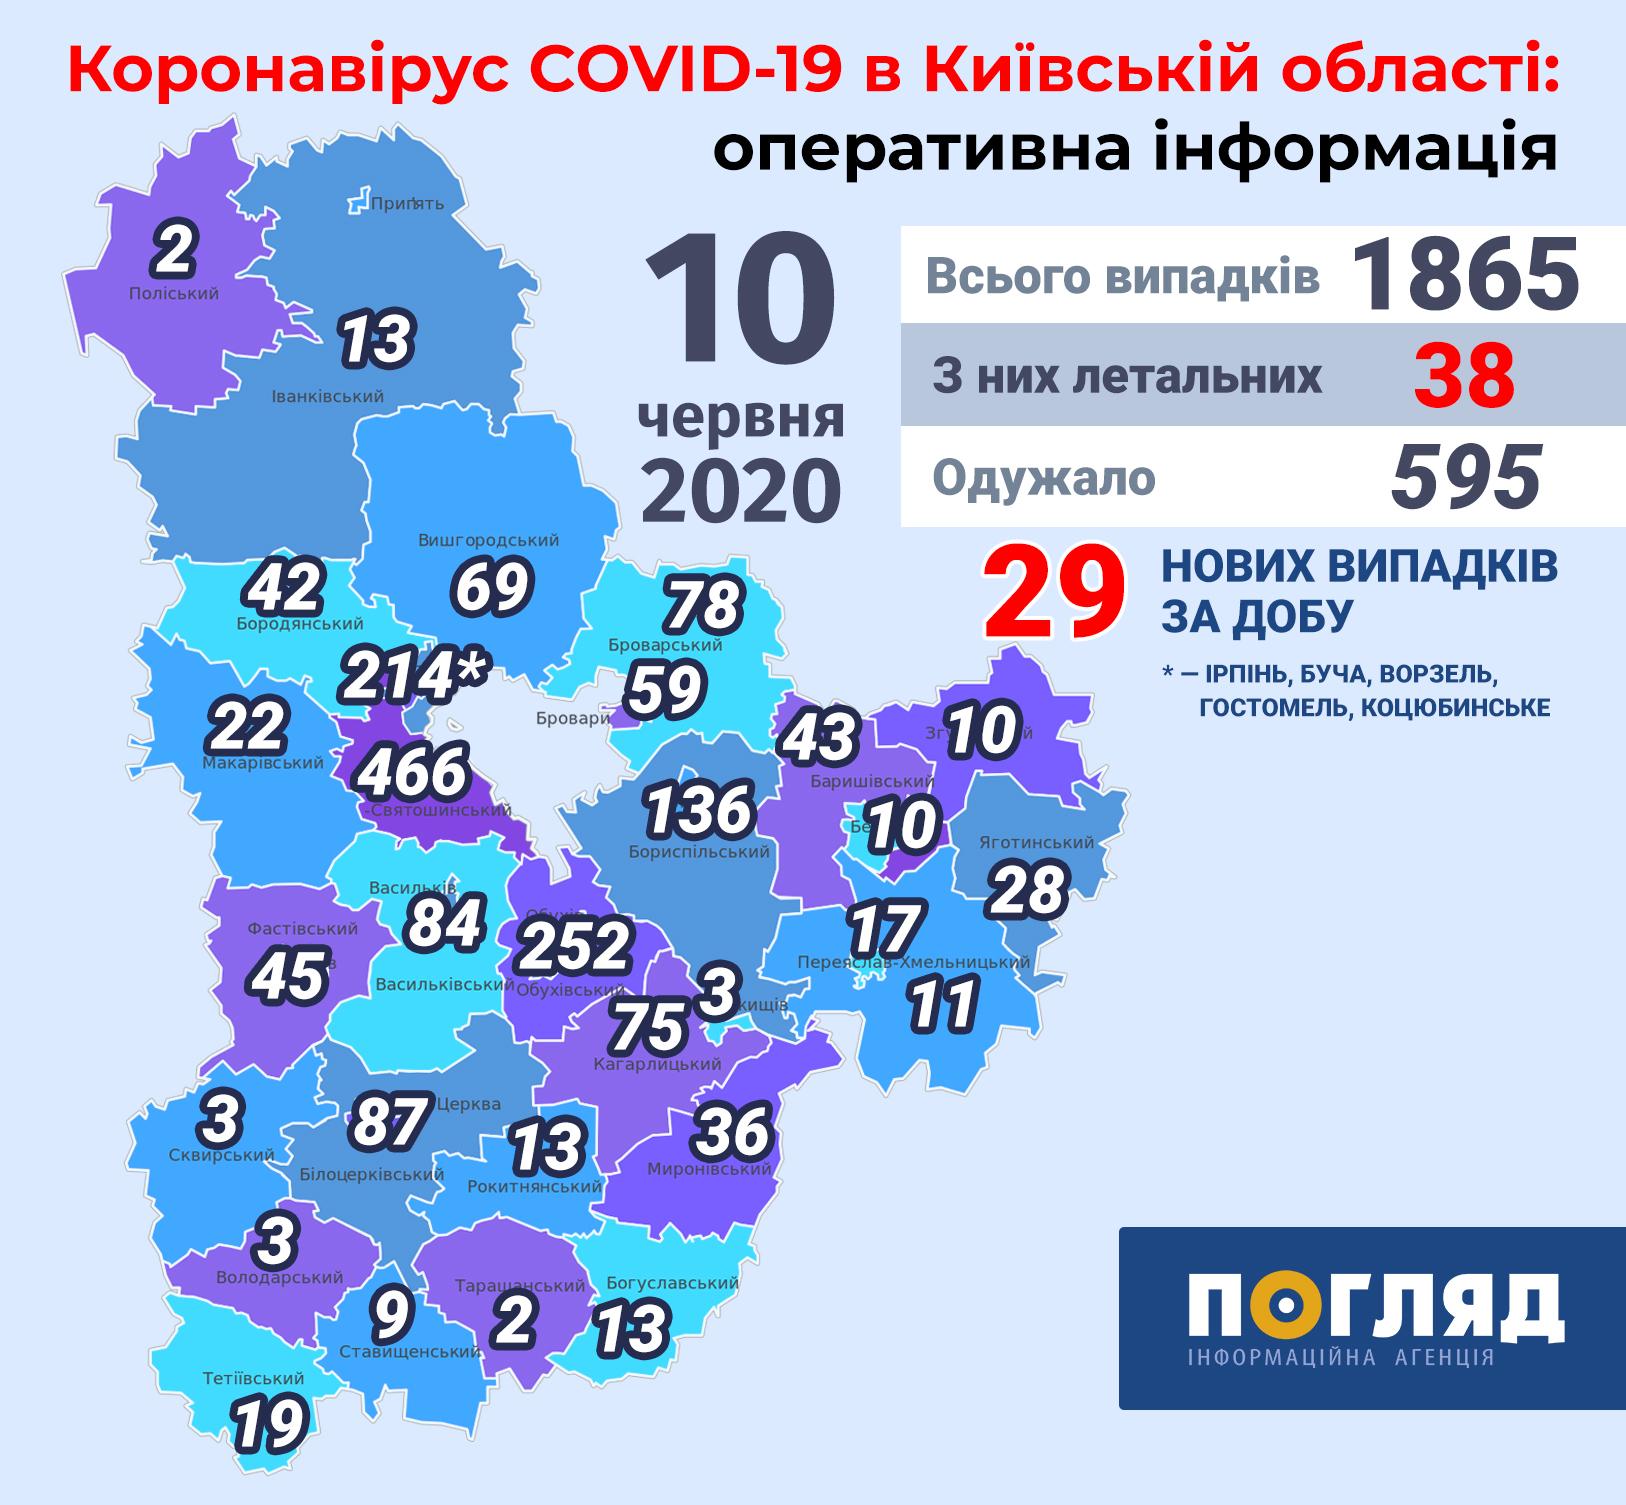 За добу на Київщині COVID-19 захворіли 29 людей -  - Kyiv regions covid19 new 4